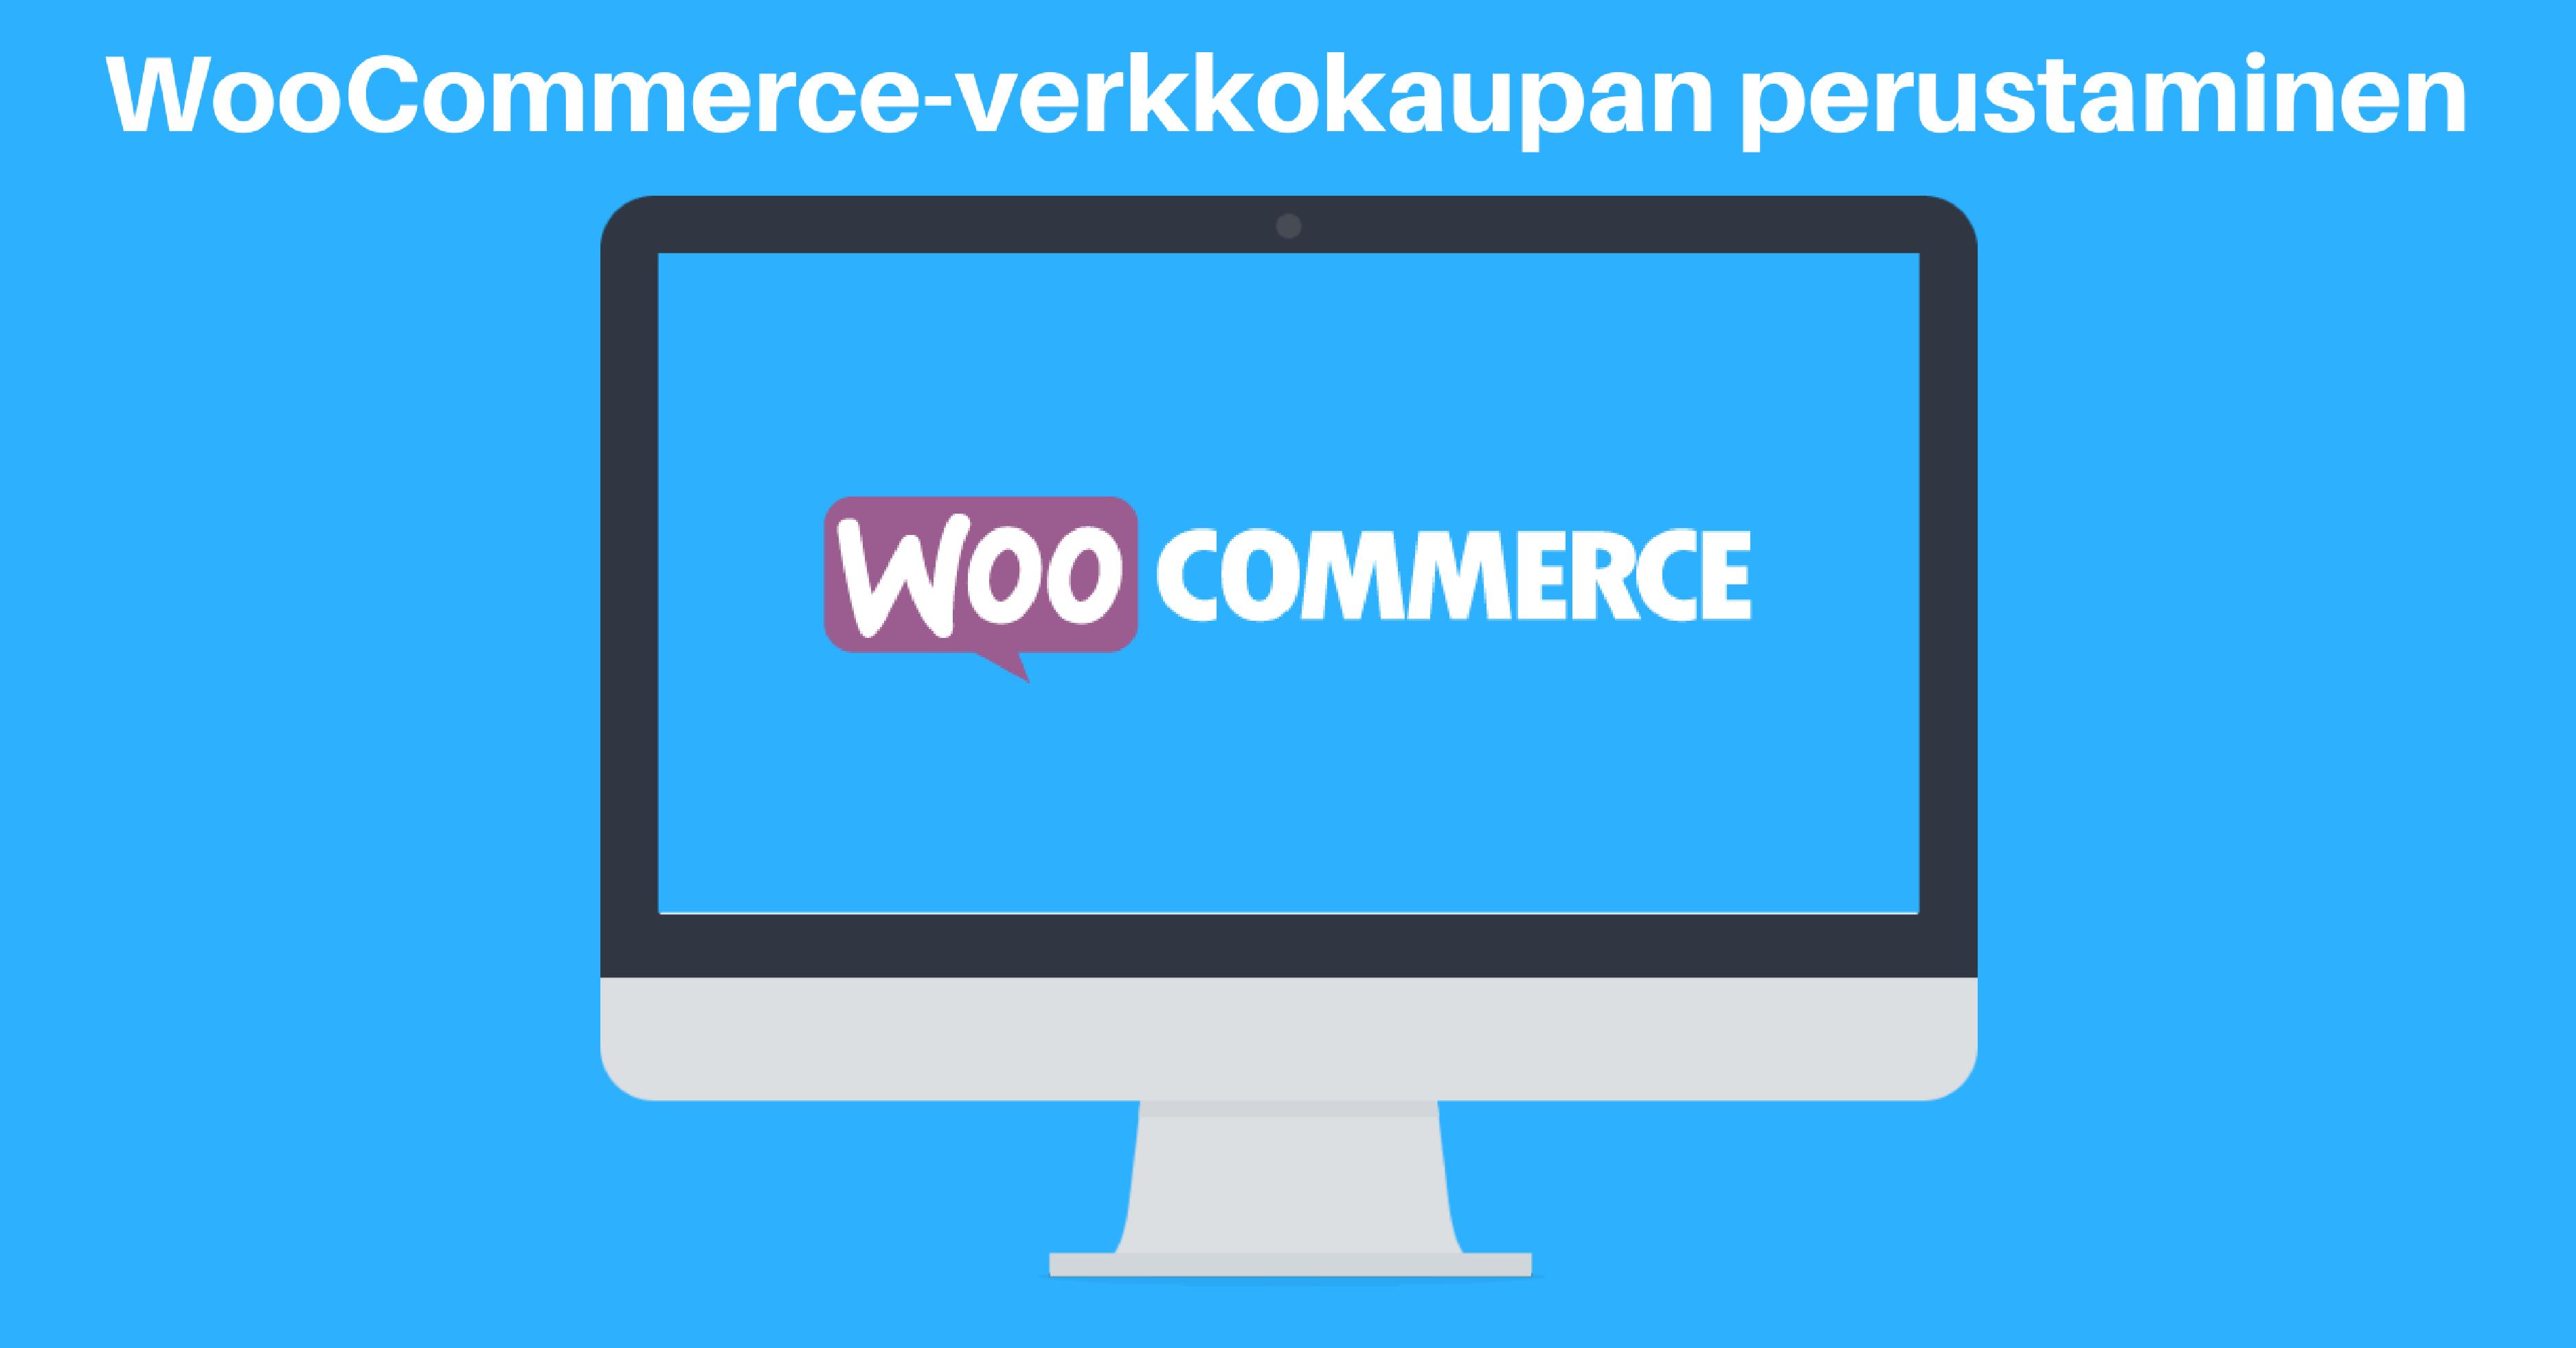 WooCommerce-verkkokaupan hinta – paljonko perustaminen maksaa?